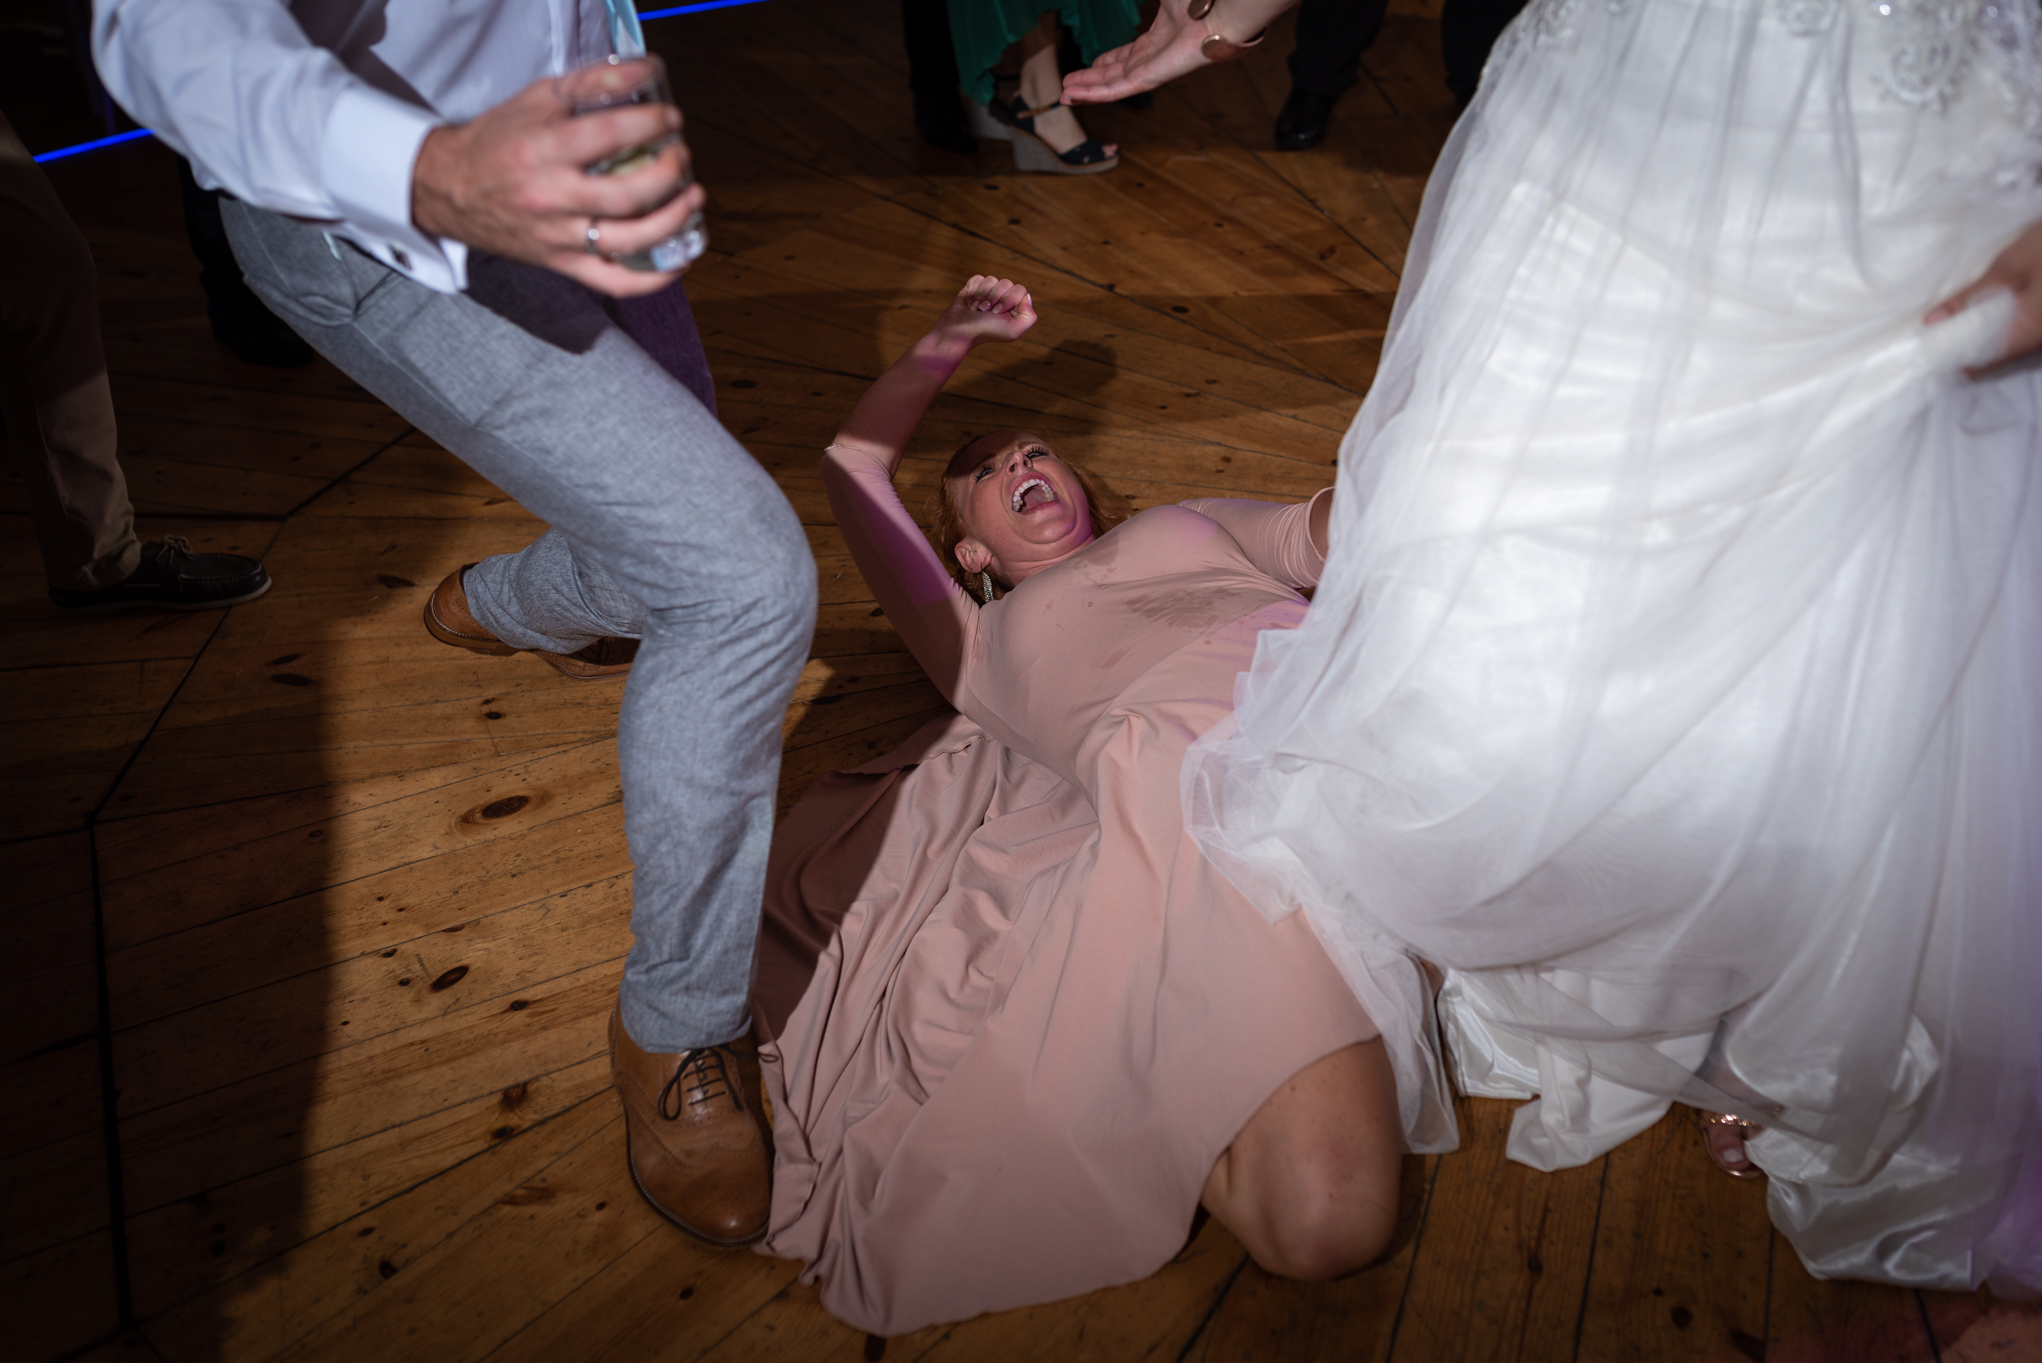 Copy of Bridesmaid Dancing on Floor at Wedding Party